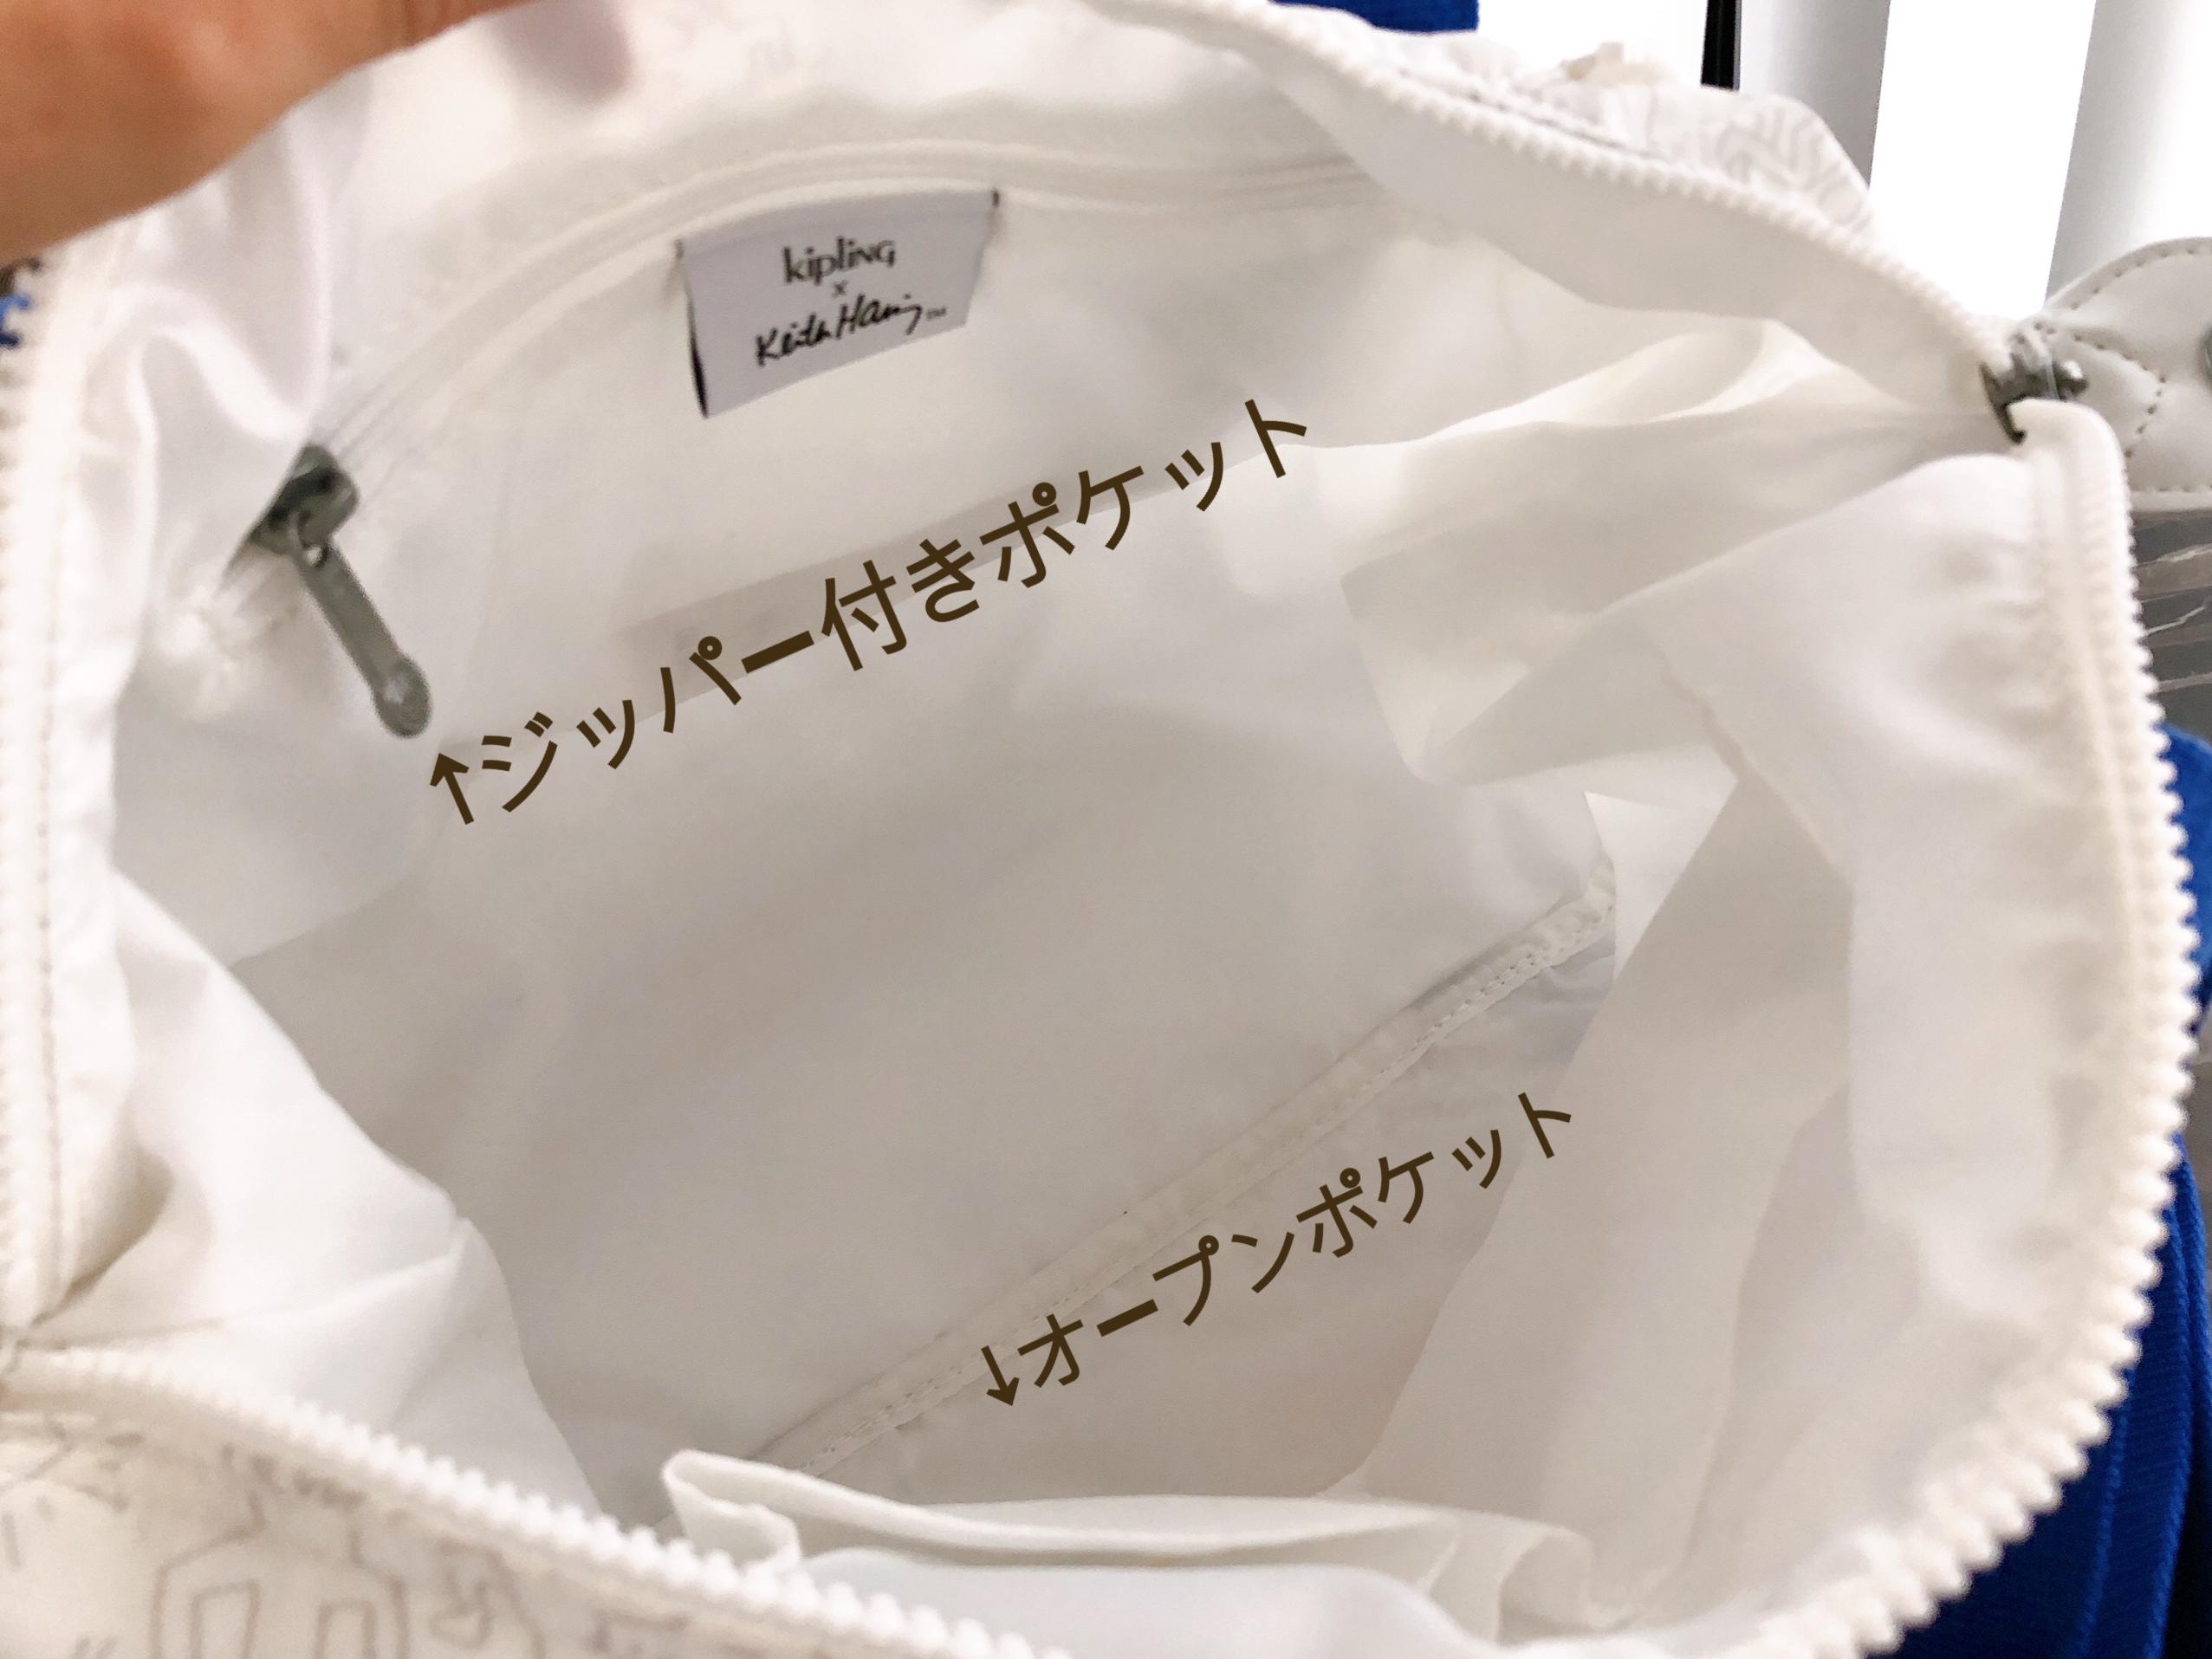 【NEW!】《Kipling×Keith Haring》ポップなデザインがファッションのアクセントに♡ GoTo Travelに大活躍の2wayバッグ!_3